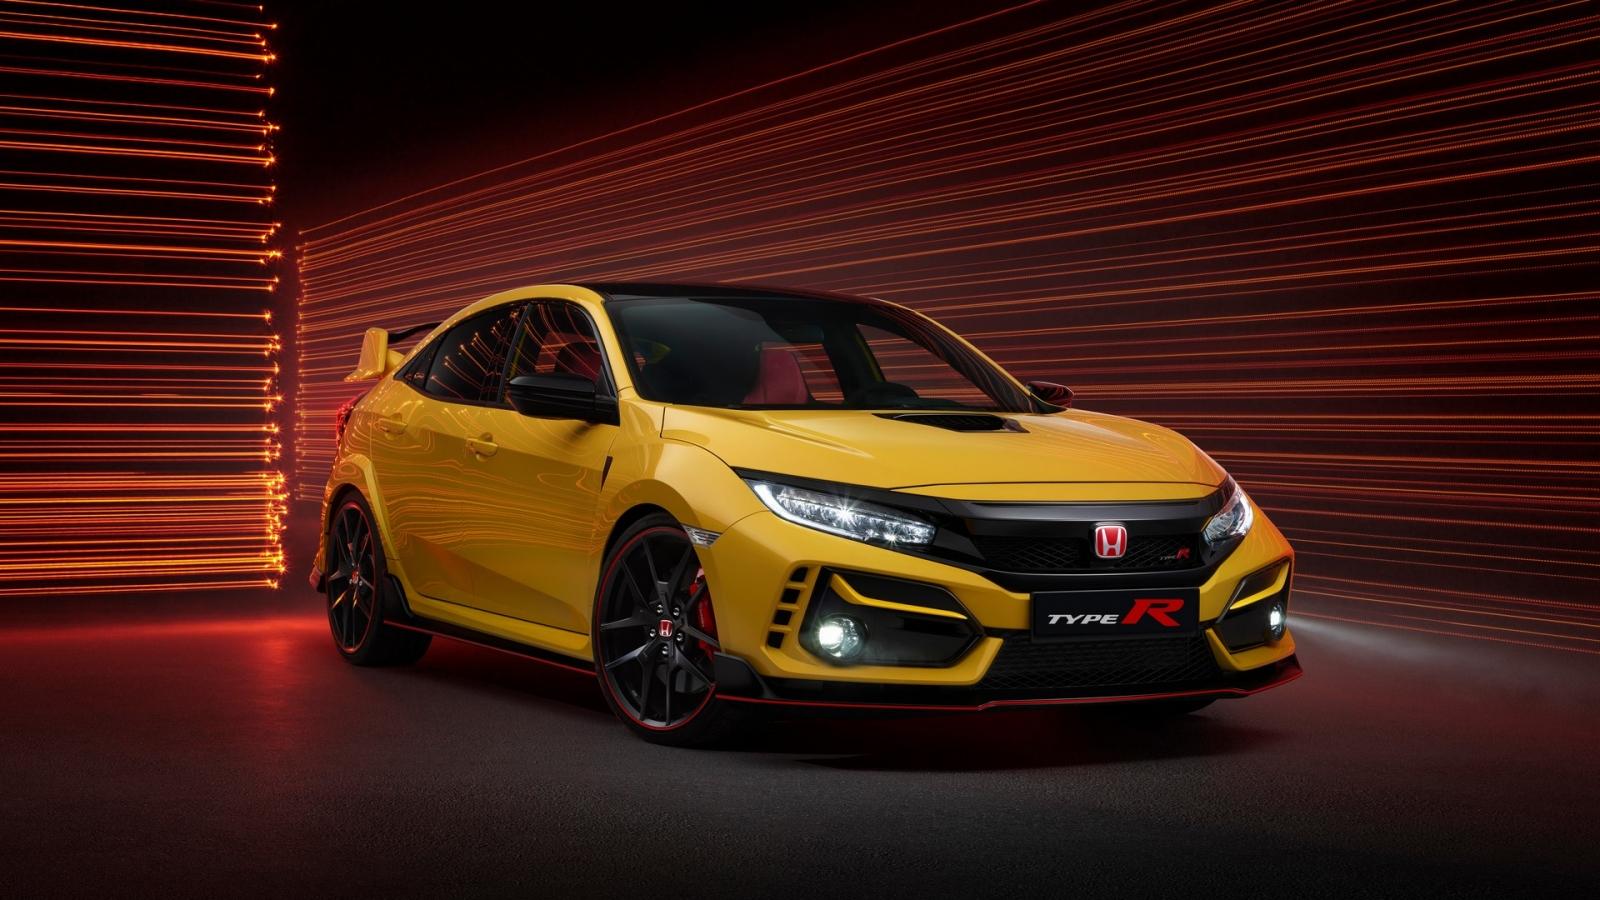 Honda Civic Type R 2021 sắp ra mắt với giá bán hơn 872 triệu đồng